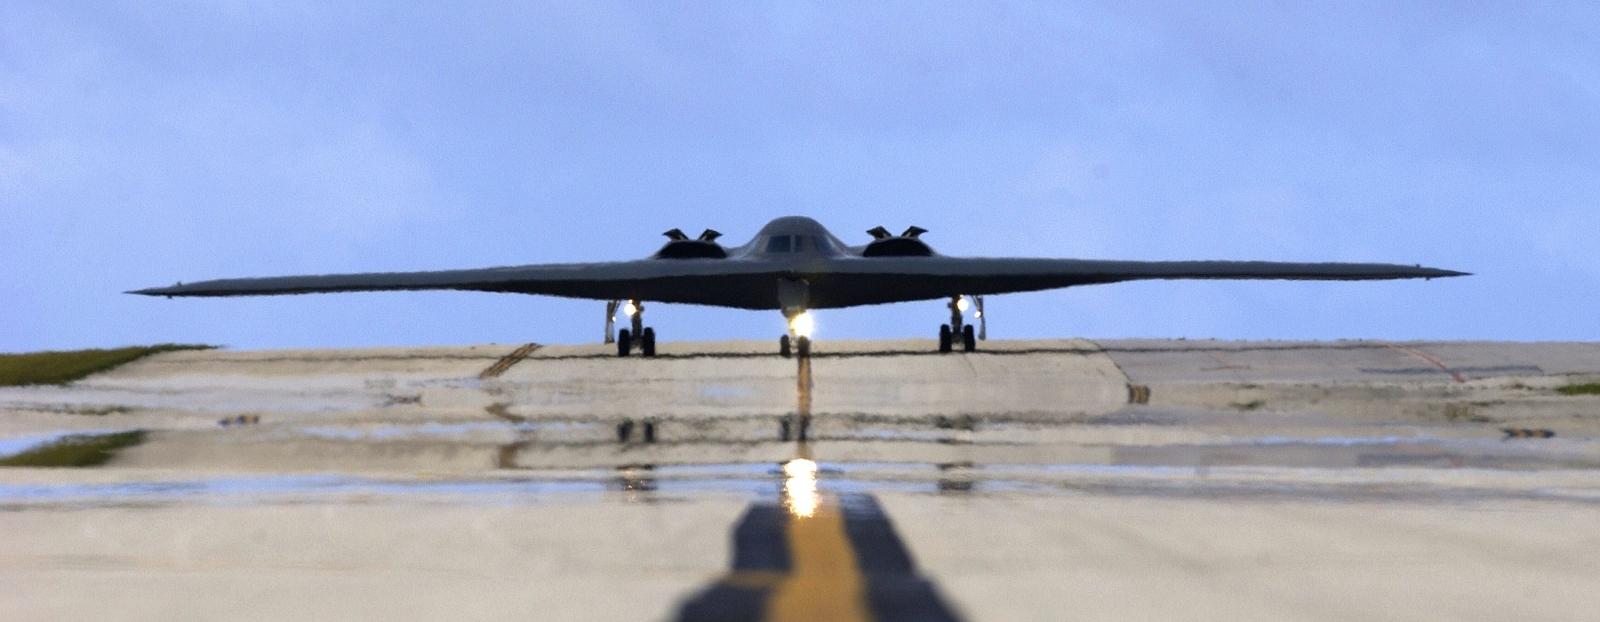 B-2 Spirit steal bomber